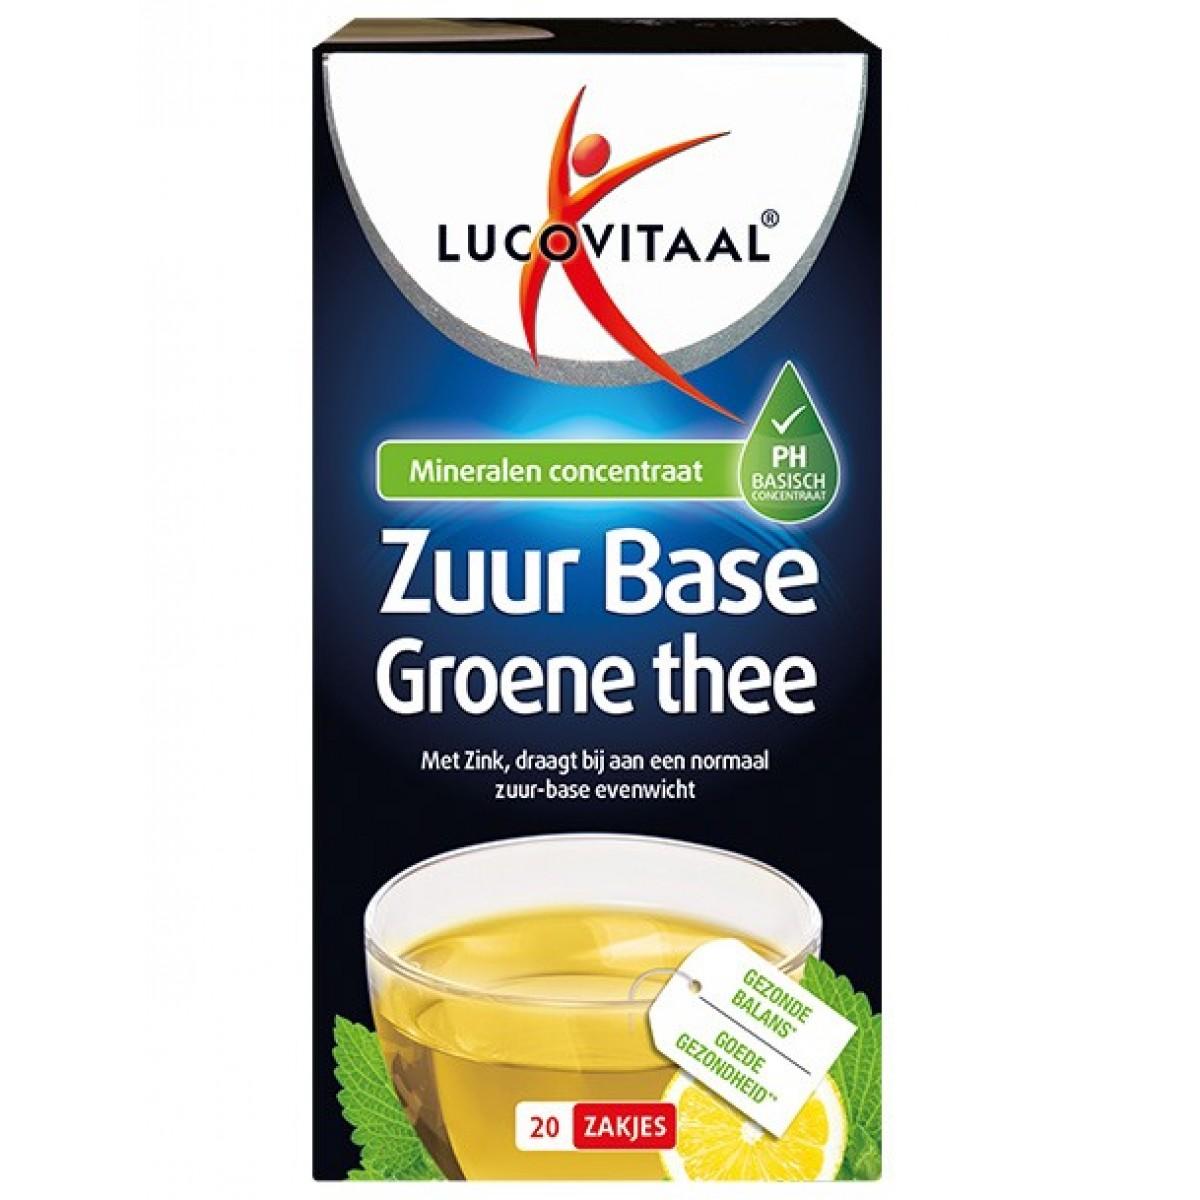 Zuur Base Groene Thee